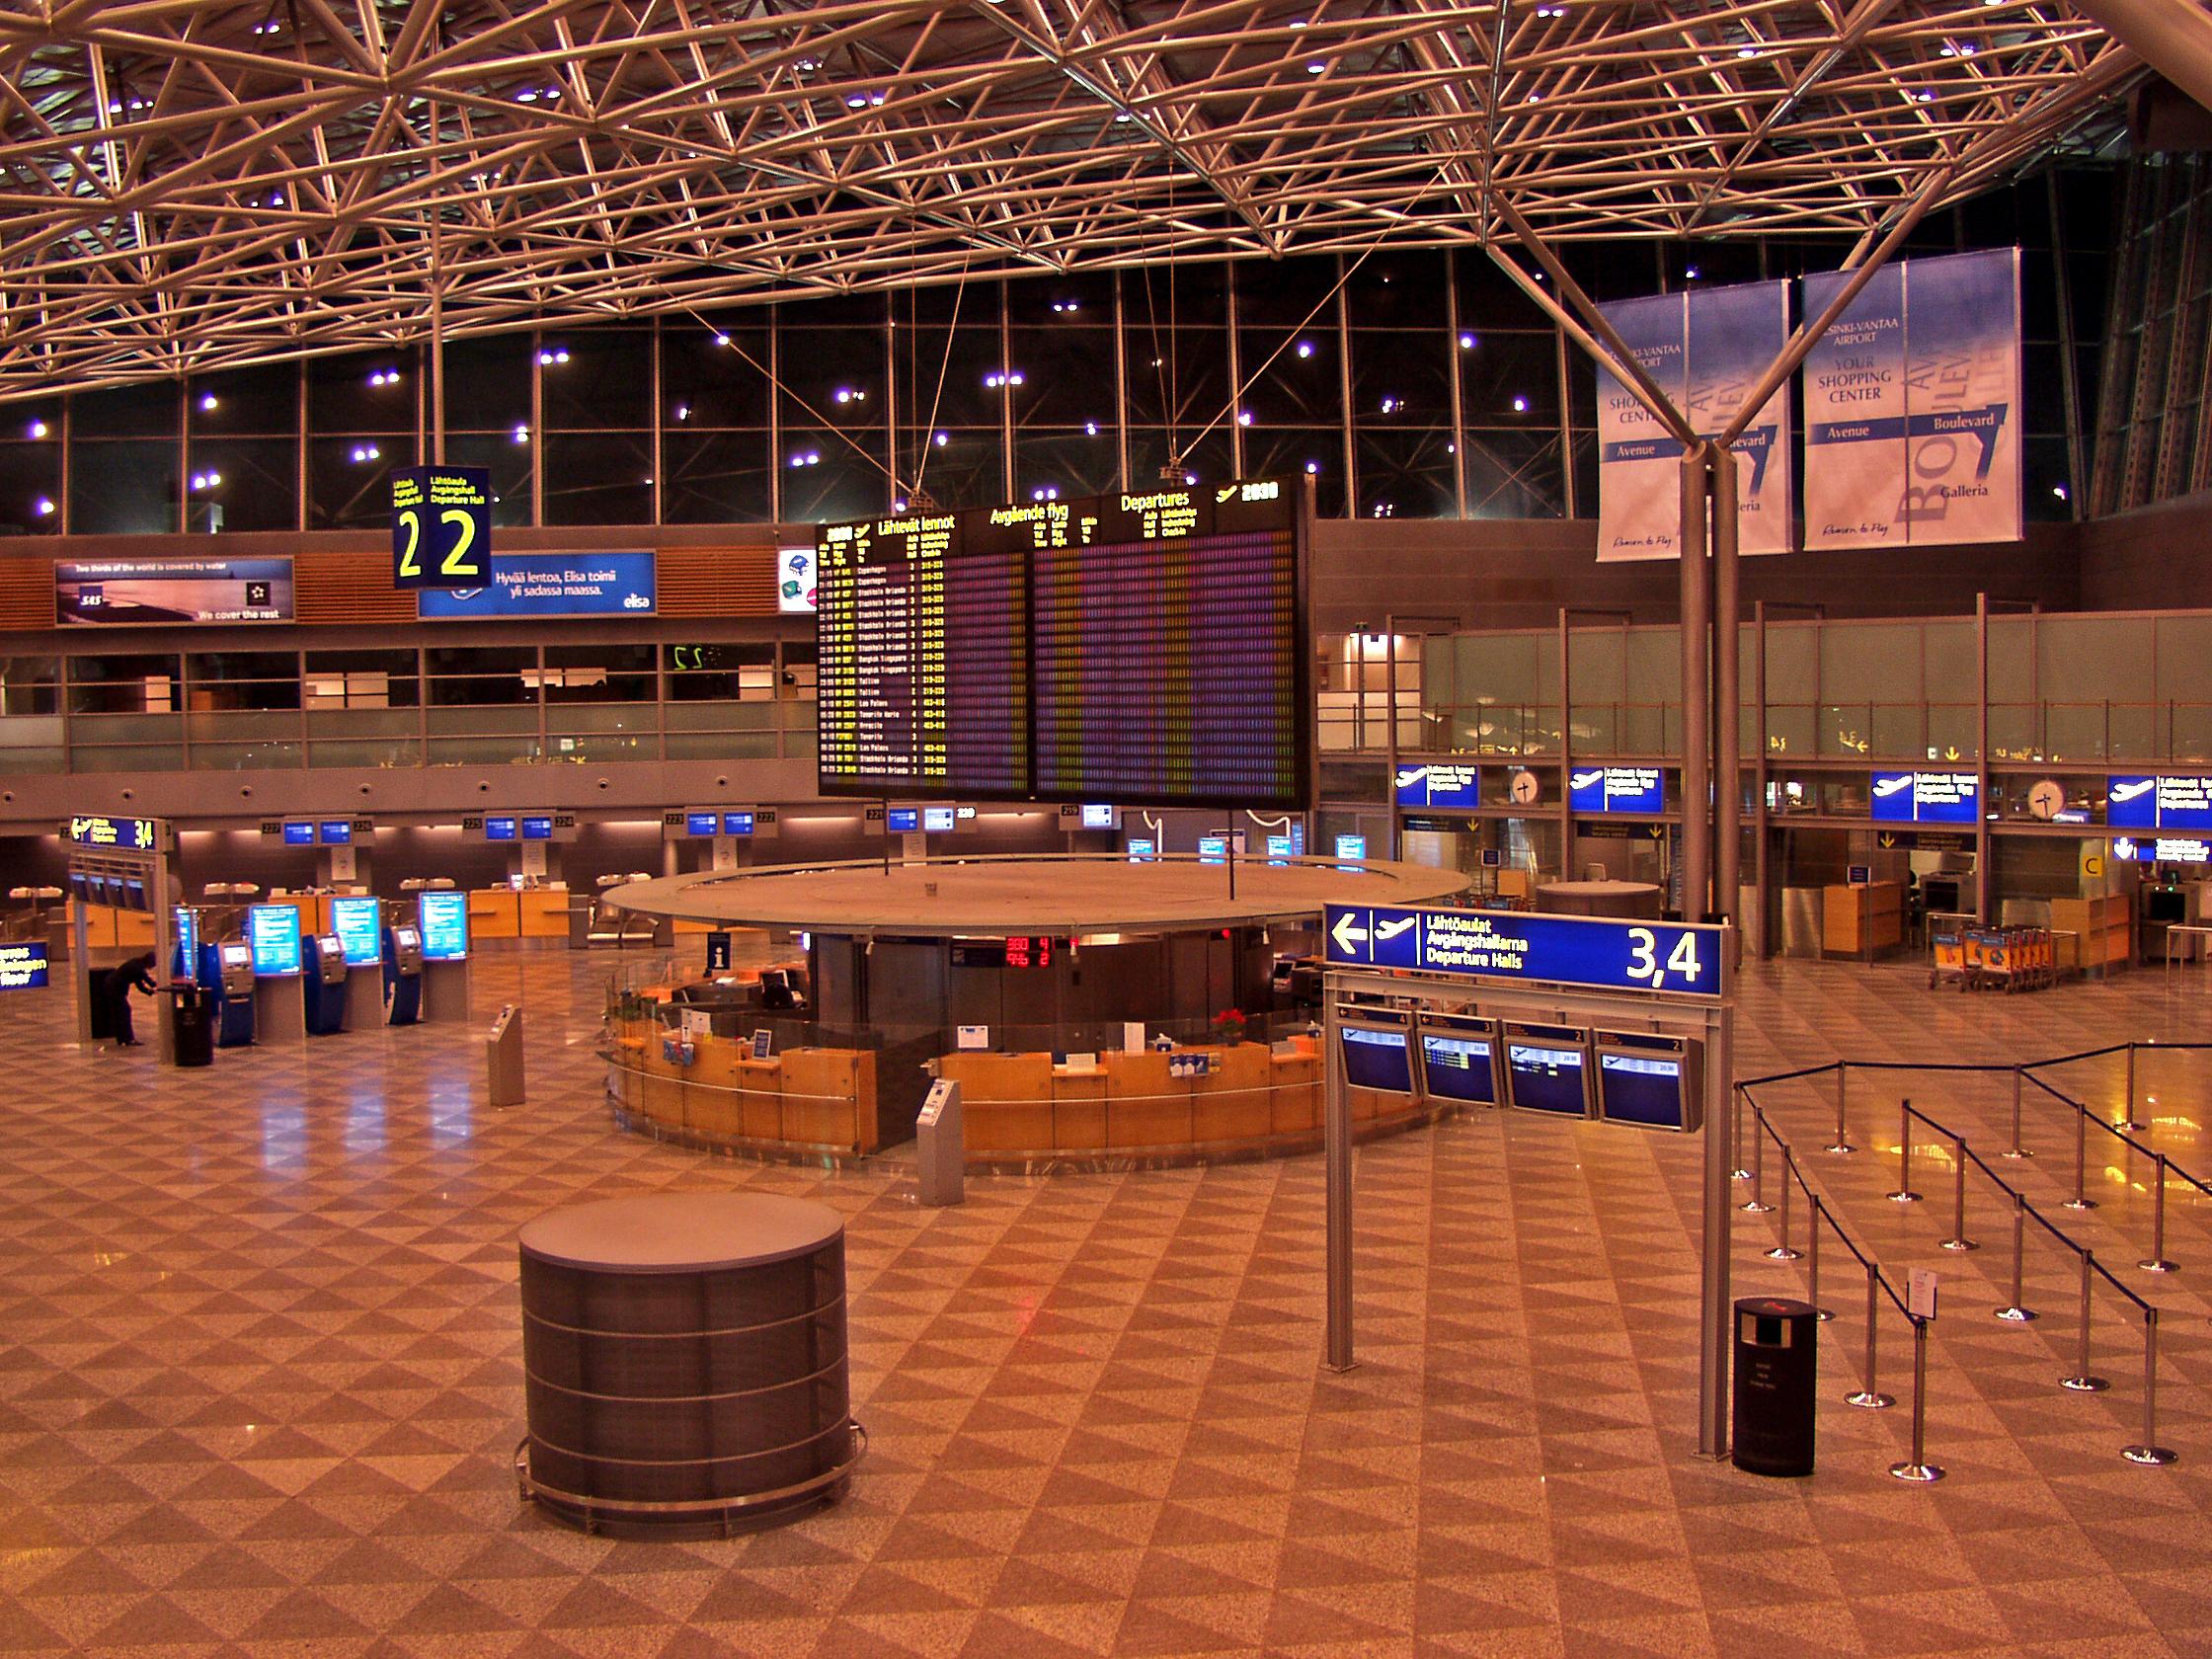 helsingin lentokenttä Heinola